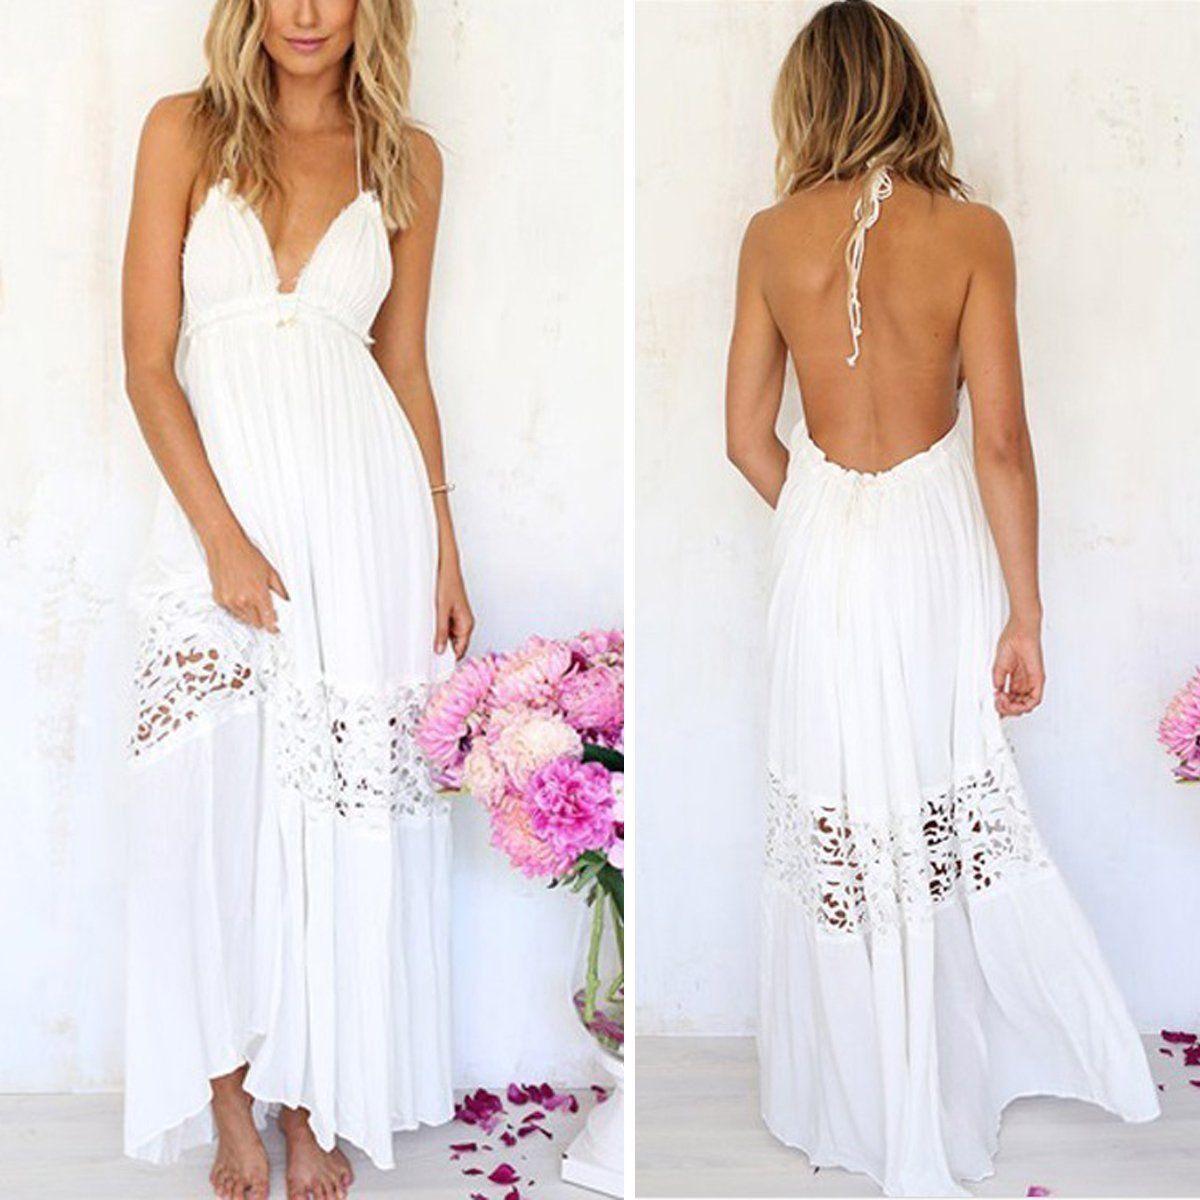 079ea5b14c Sexy Women Summer Boho Lace Long Maxi Evening Party Dress Beach ...